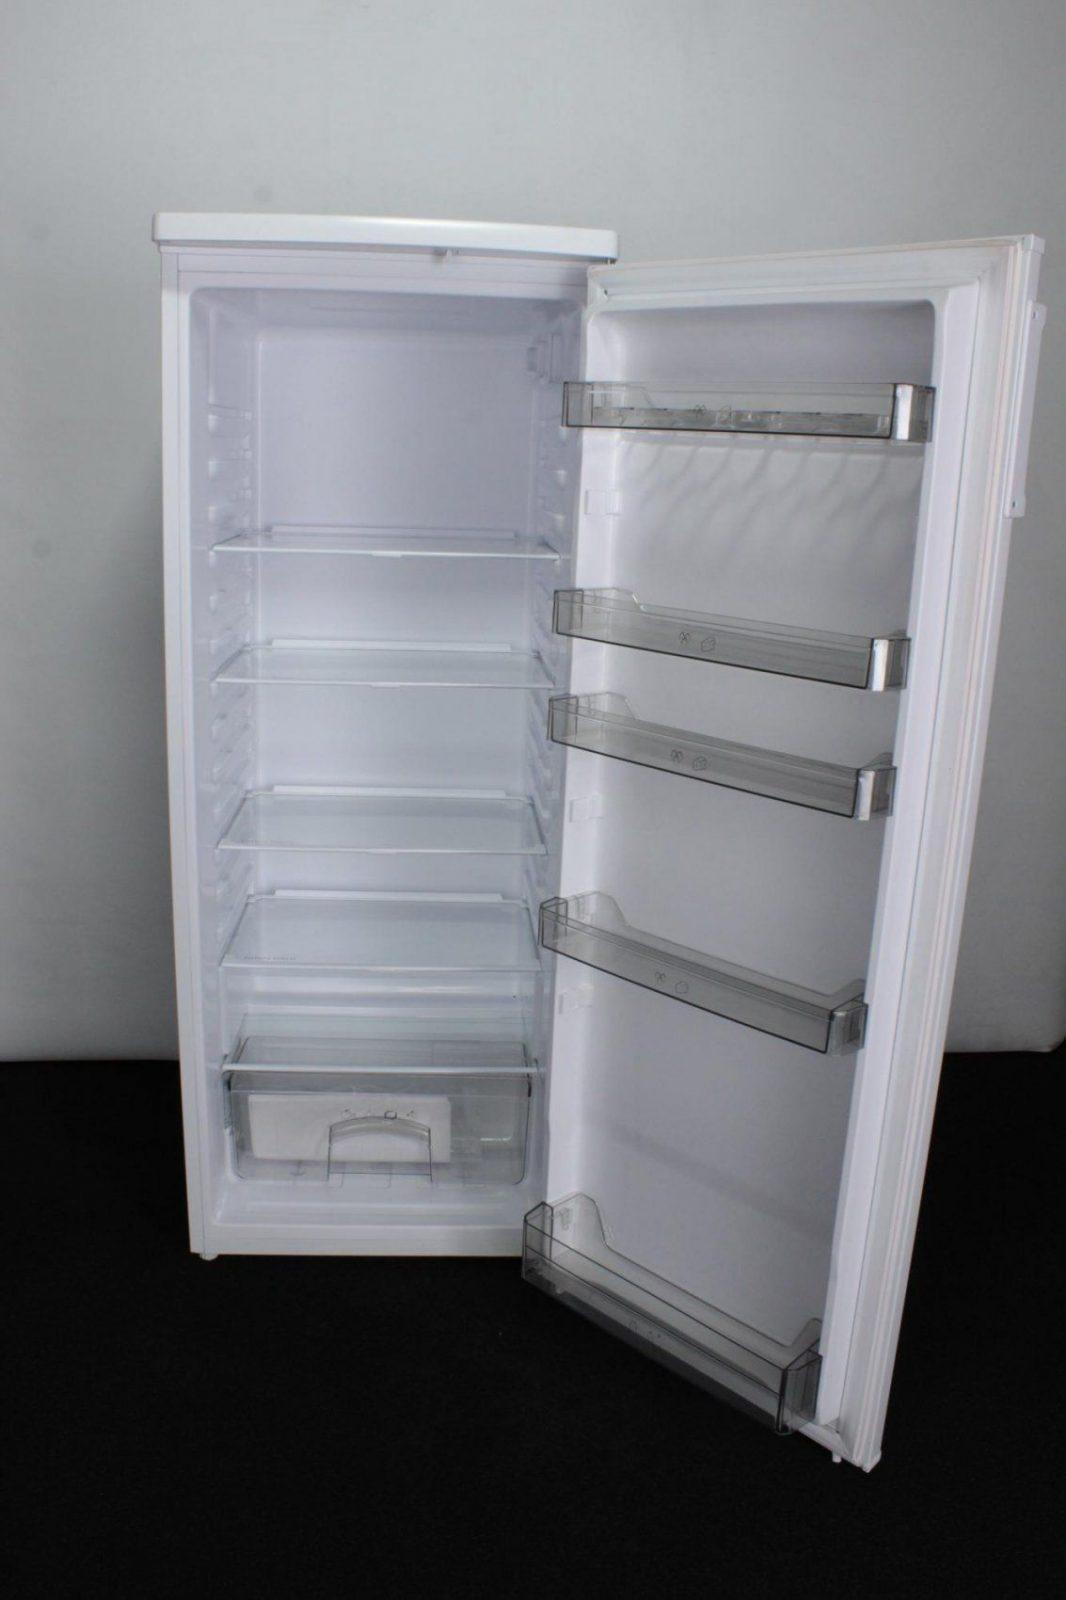 Exquisit Ks3254G A+ Standkühlschrank 55Cm Breit 240 Liter Weiß Von von Standkühlschrank 55 Cm Breit Photo